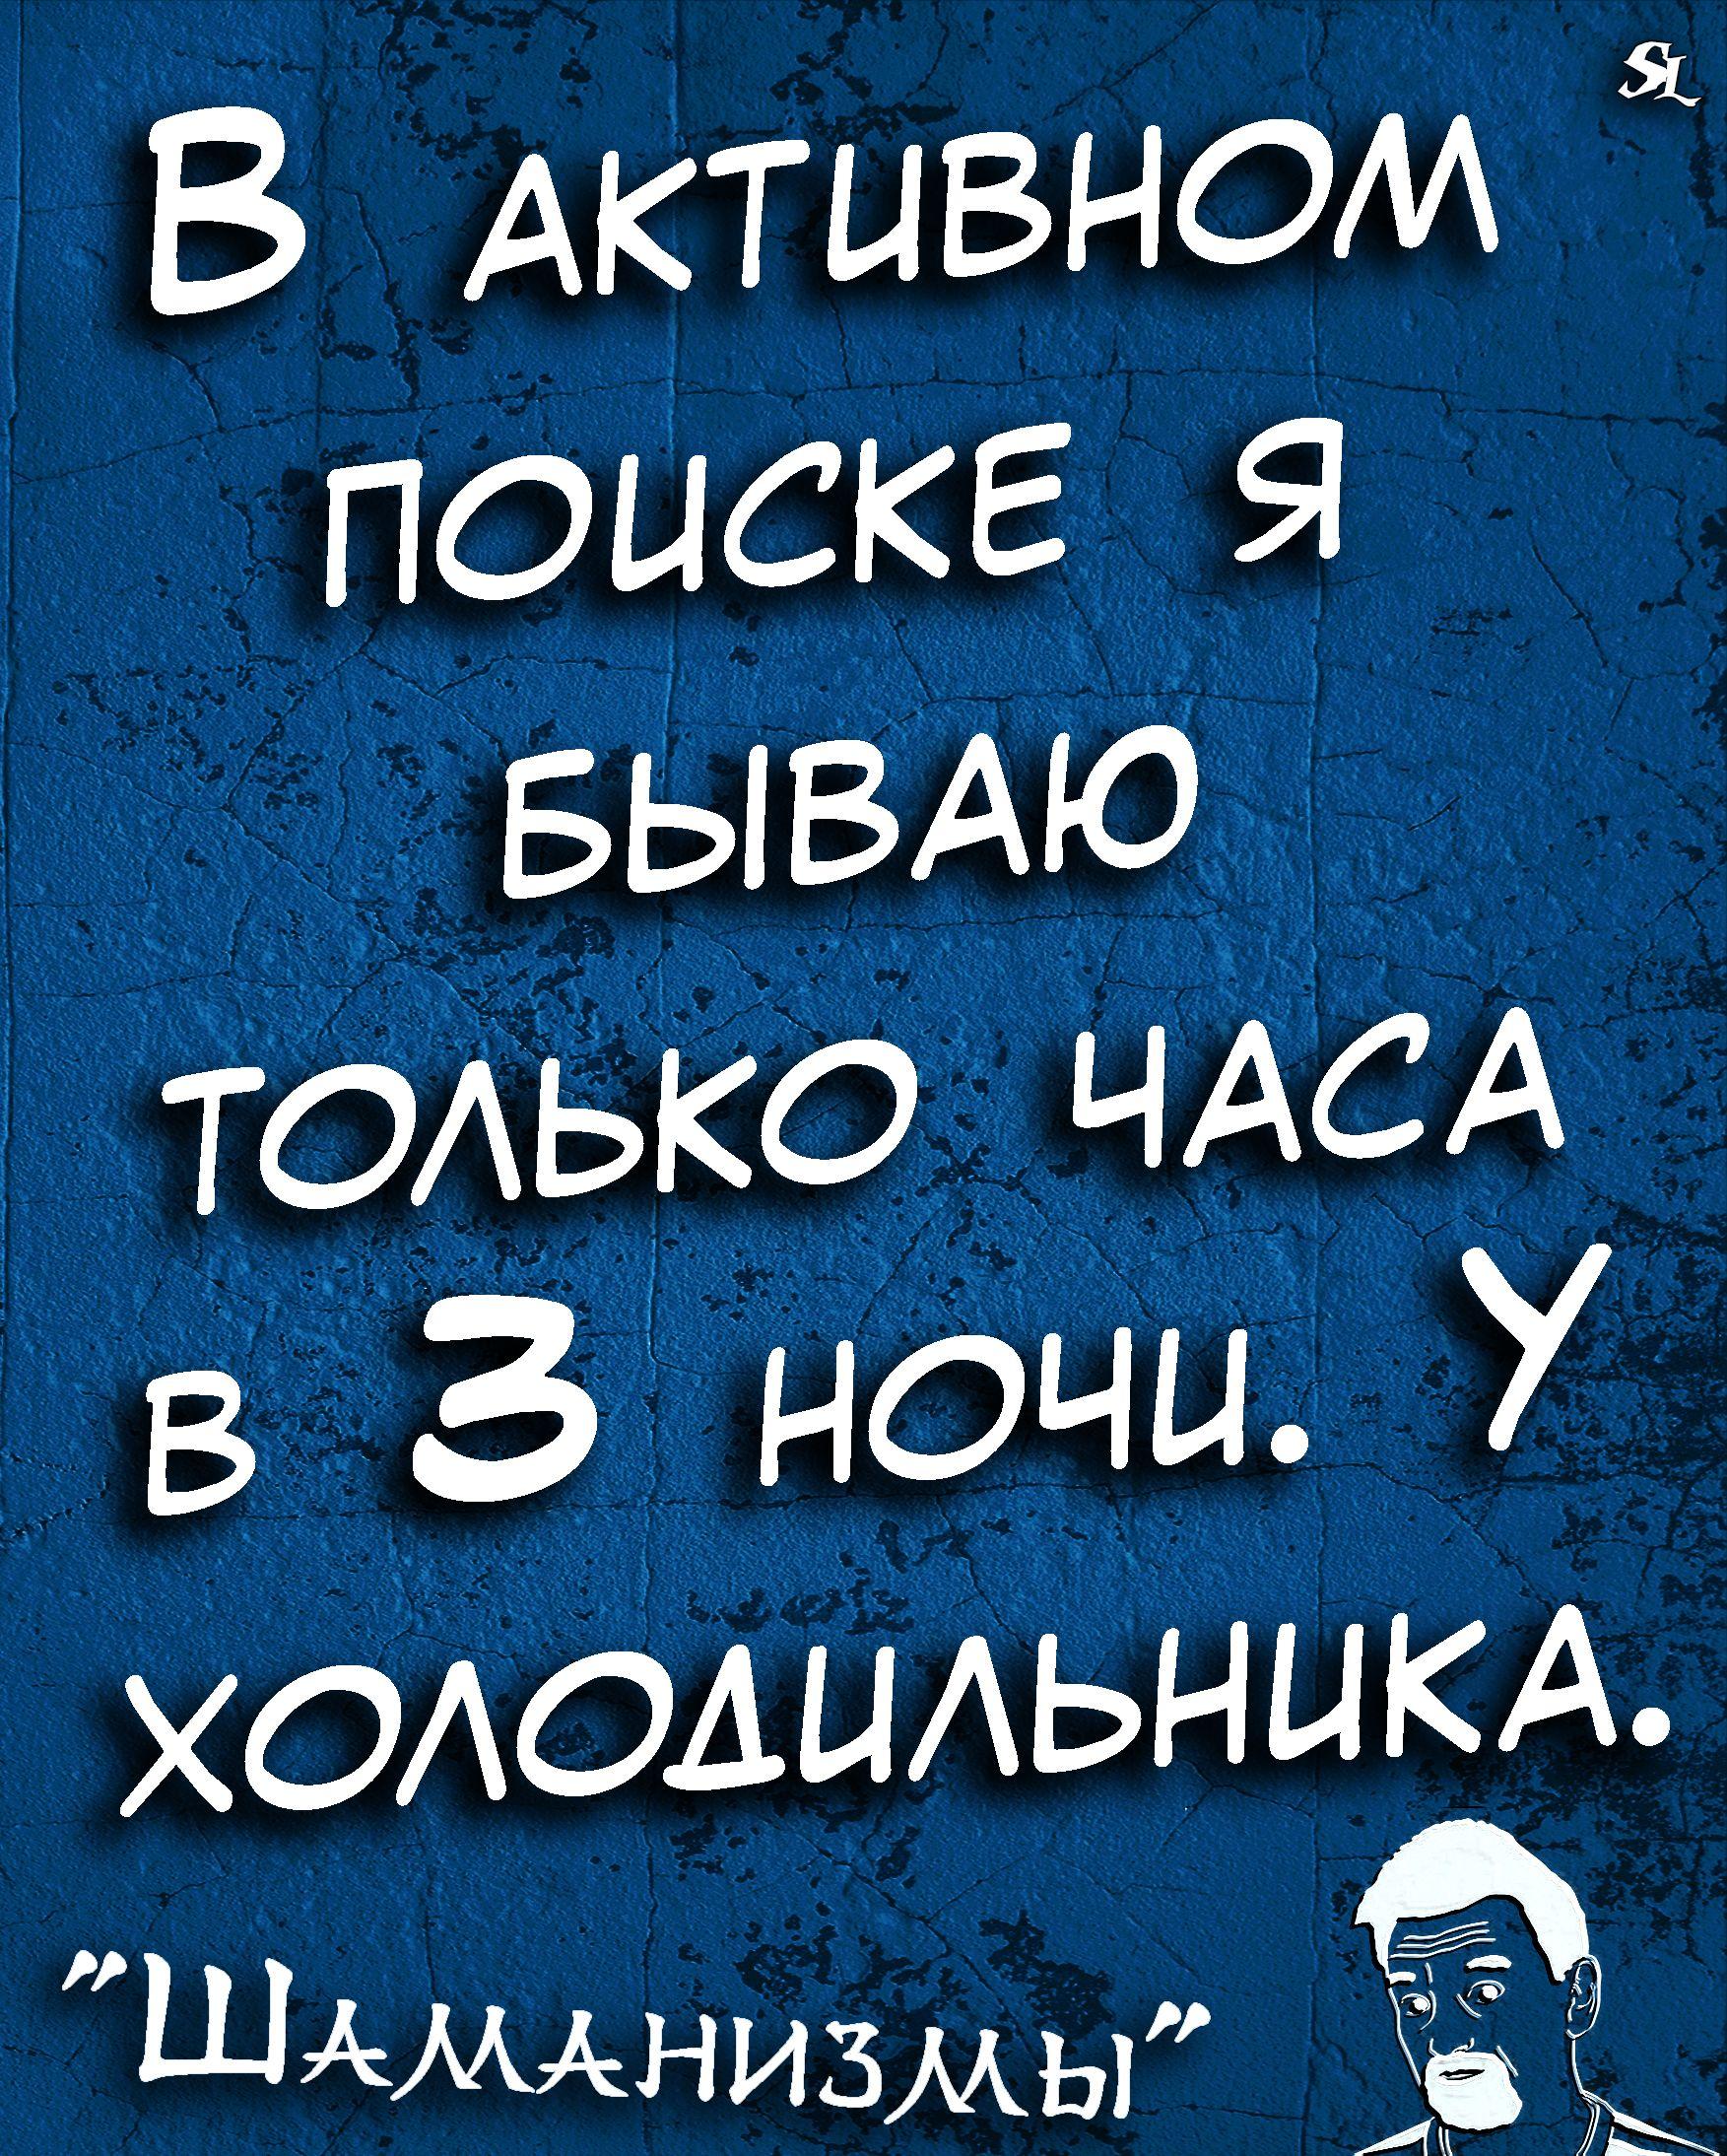 Shamanizmy Shutki Prikol Yumor Jokes Funny Humor Memes Shaman Ledentsov Sl Shaman Ledentsov Quotations Quotes Humor